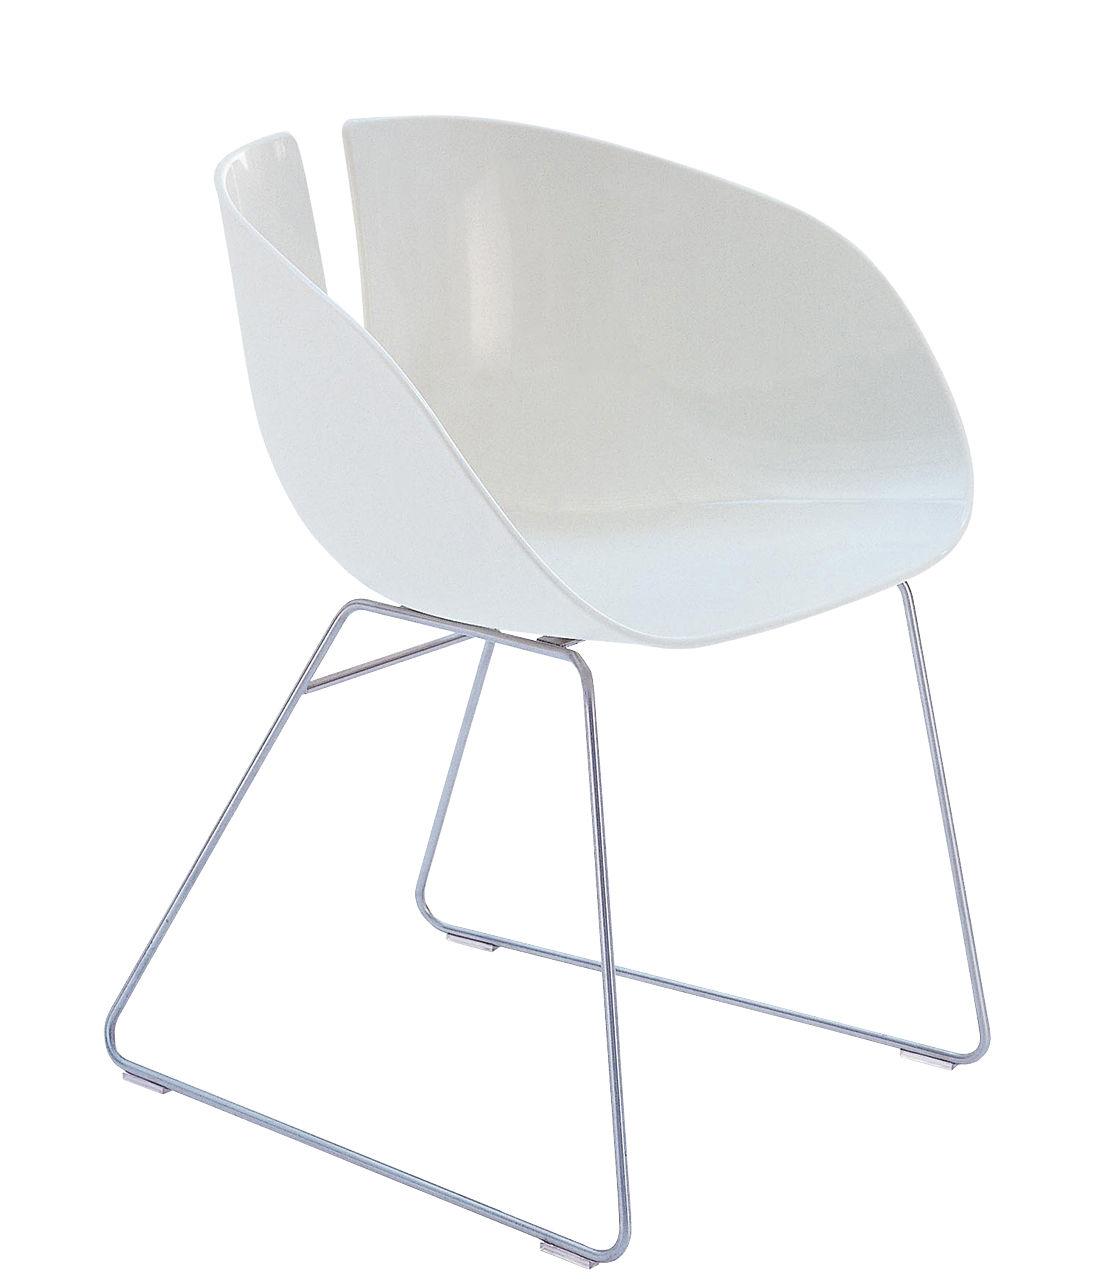 Möbel - Stühle  - Fjord H Stuhl - Moroso - Weiß / Stahl - Plastique composite, satinierter Edelstahl